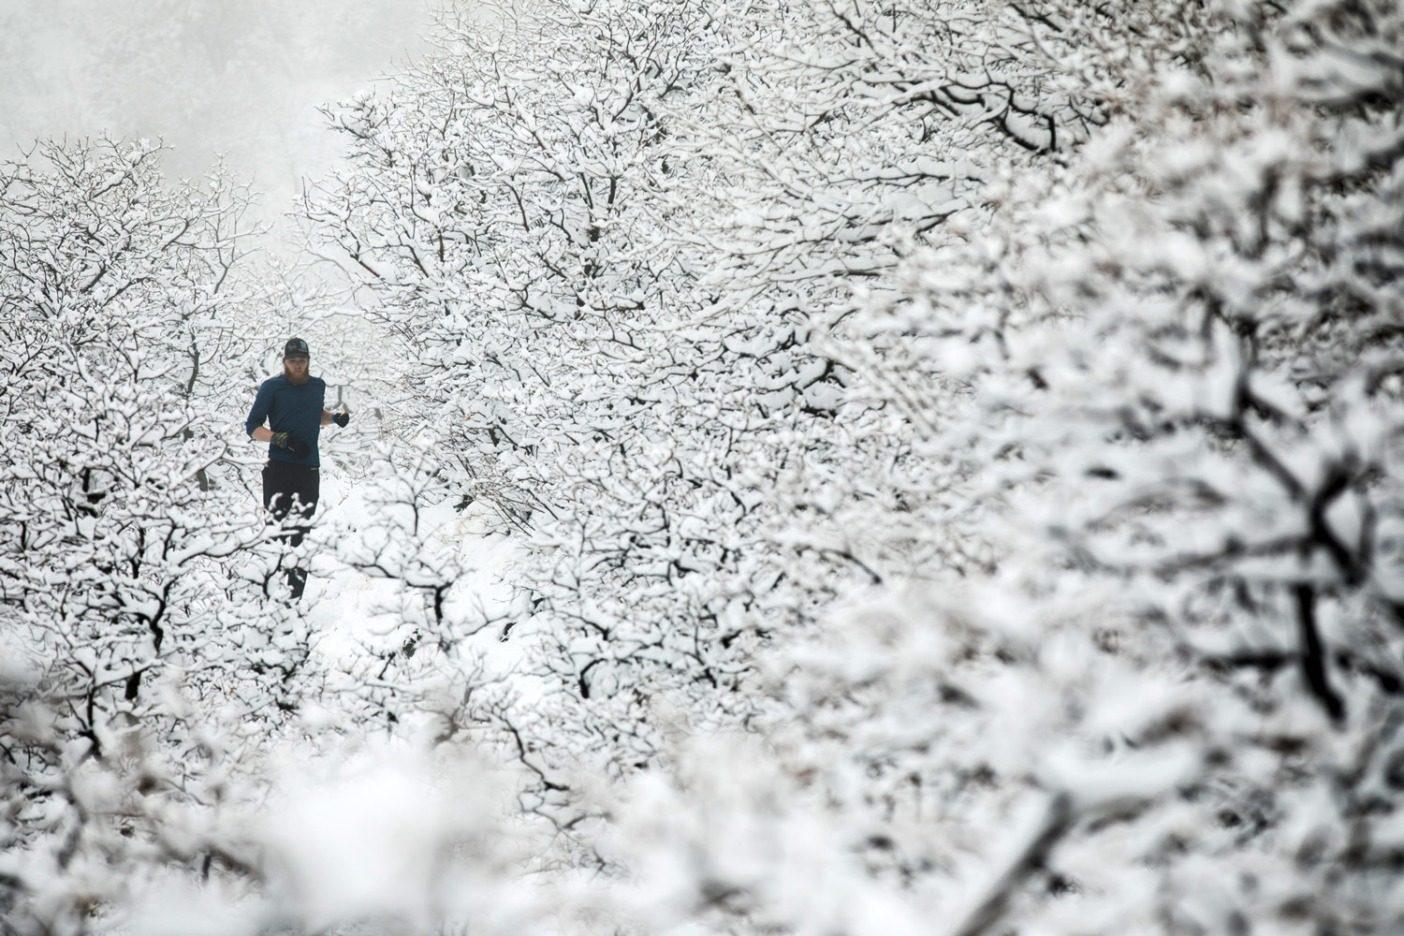 コースから外れて樹林のセクションを降りるルーク・ネルソン。Photo: Andrew Burr